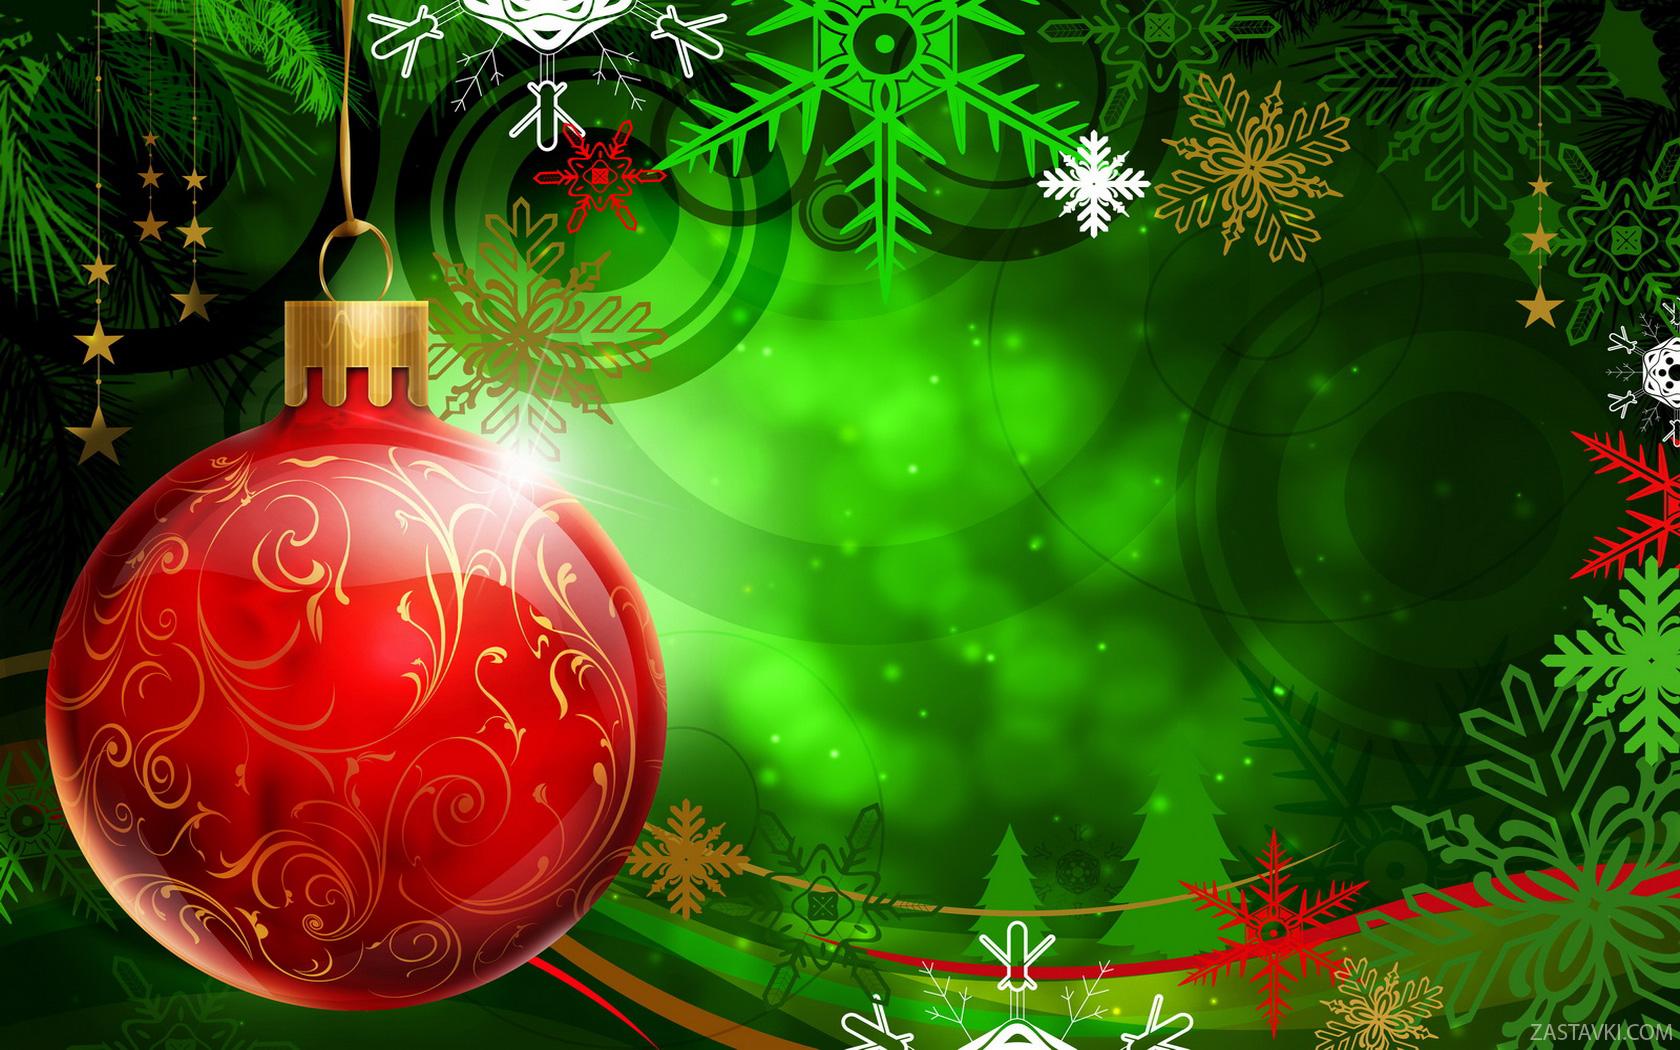 Christmas Wallpapers - C Новым годом  2018 поздравительные картинки